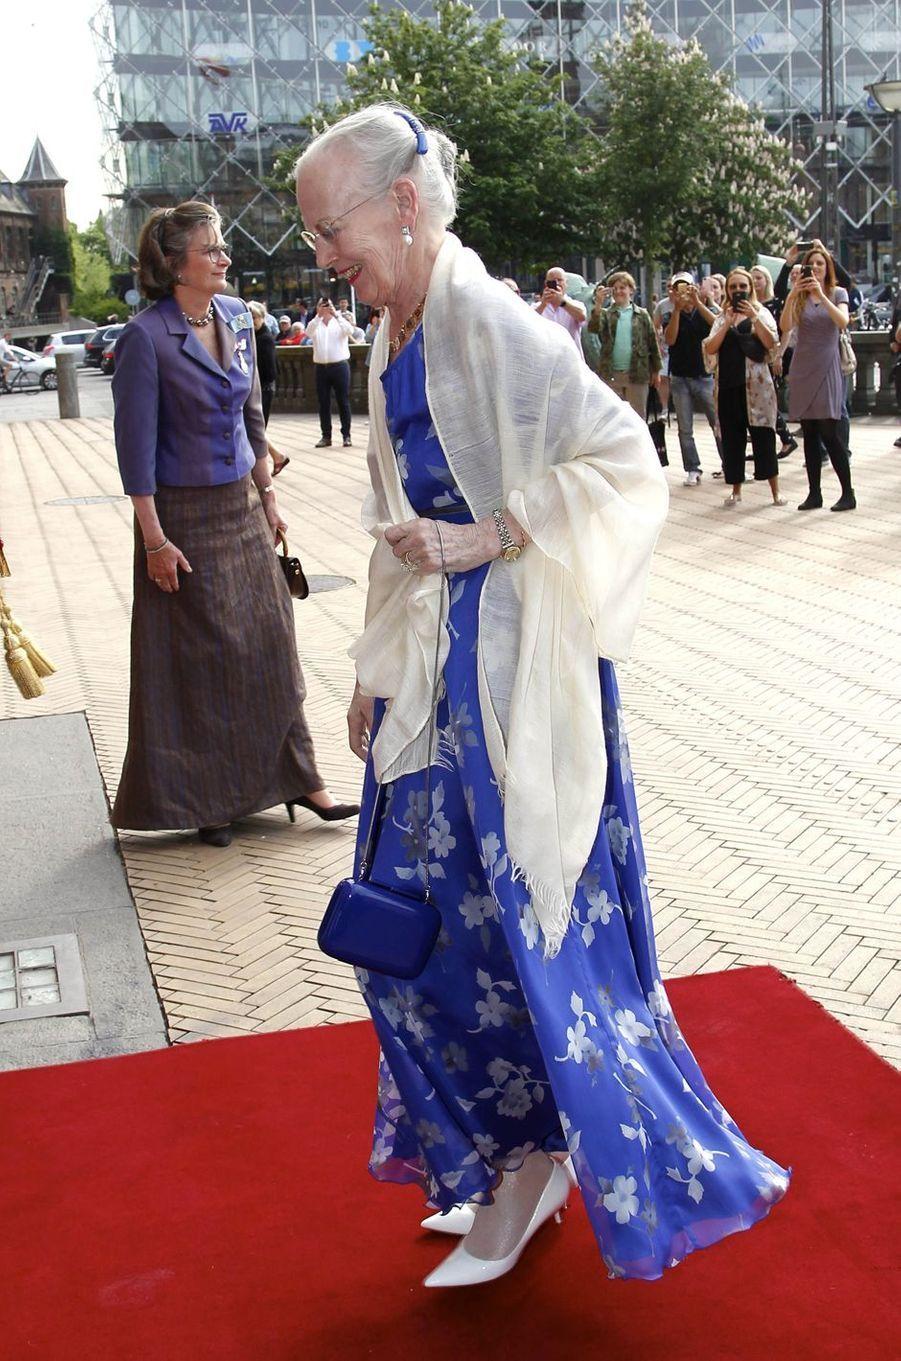 La reine Margrethe II de Danemark dans une robe blanche et grise à Copenhague, le 15 mai 2018